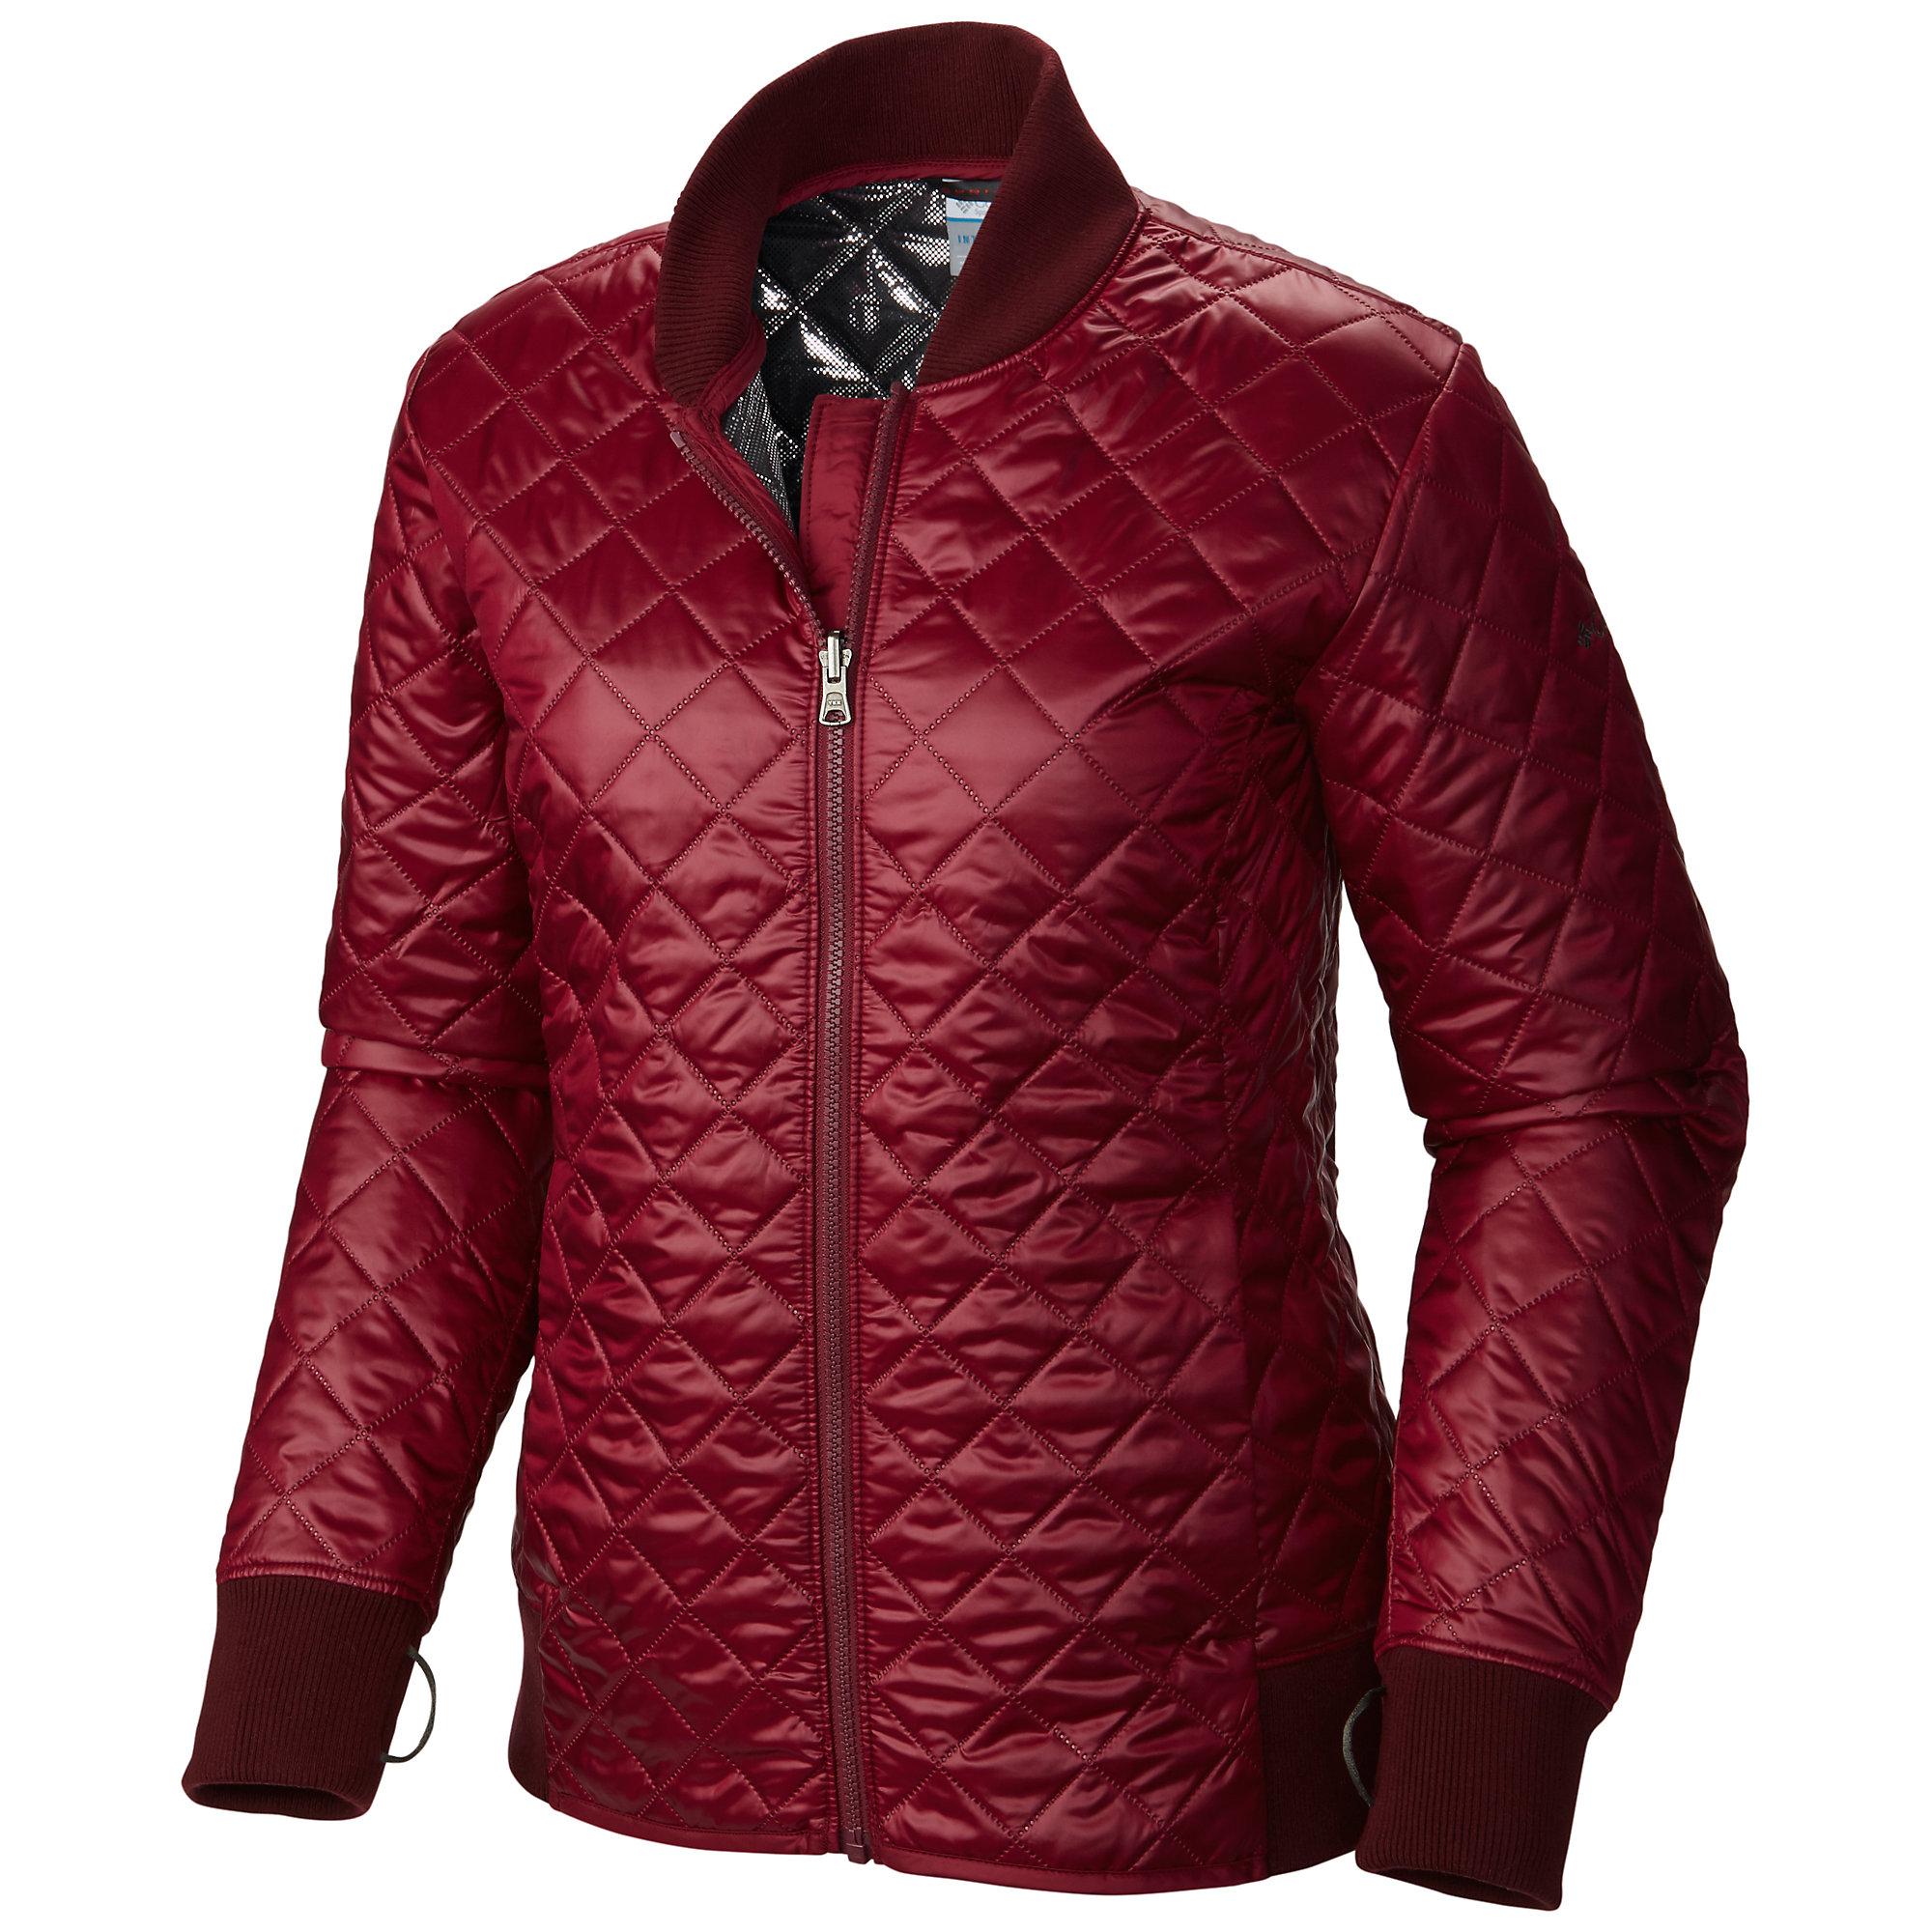 Columbia Dualistic Jacket